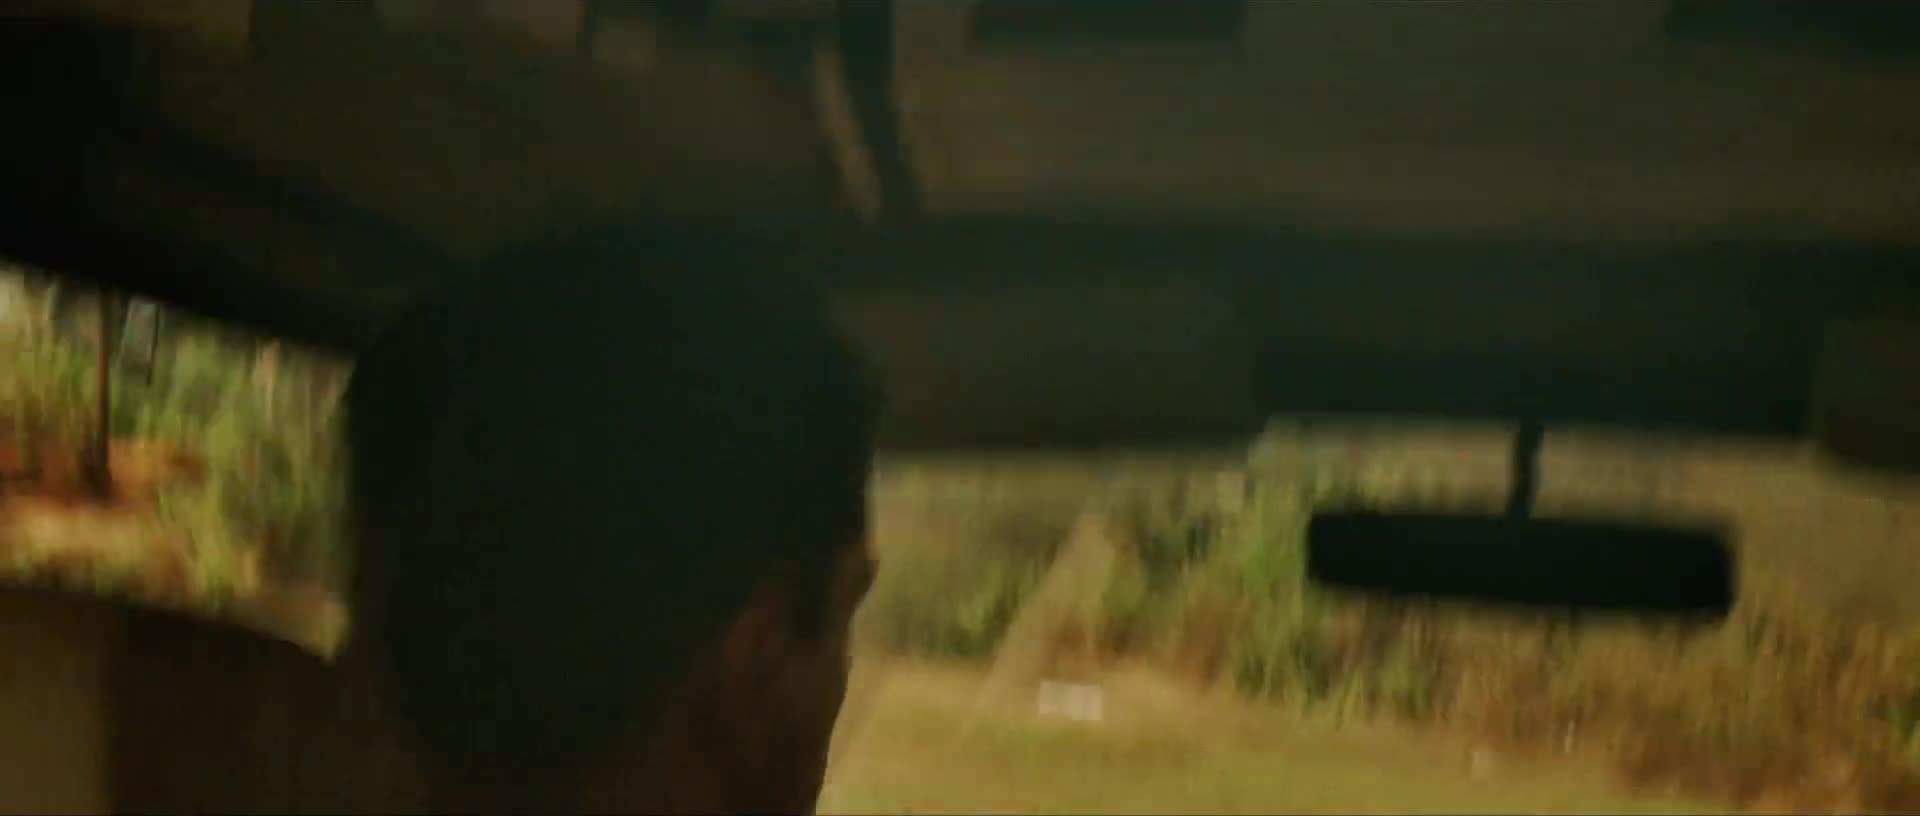 《谍影重重2》这妹子的车技也太彪悍了吧!